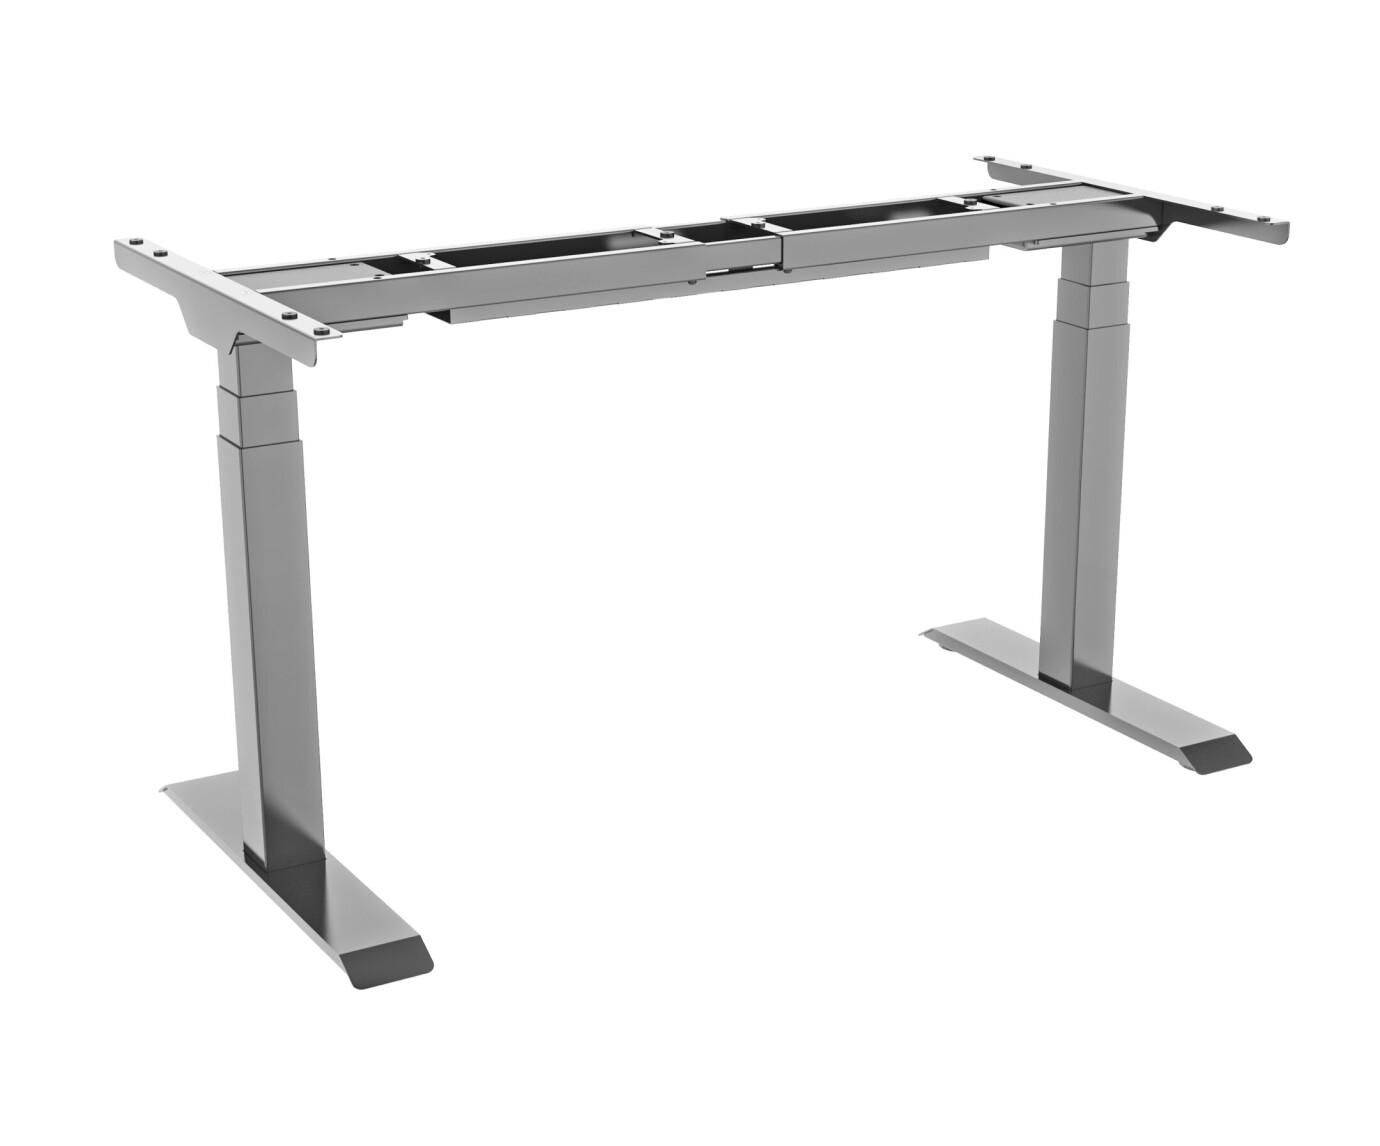 Cadre de bureau celexon PRO eAdjust-58123 réglable en hauteur électriquement - 58 - 123 cm, gris